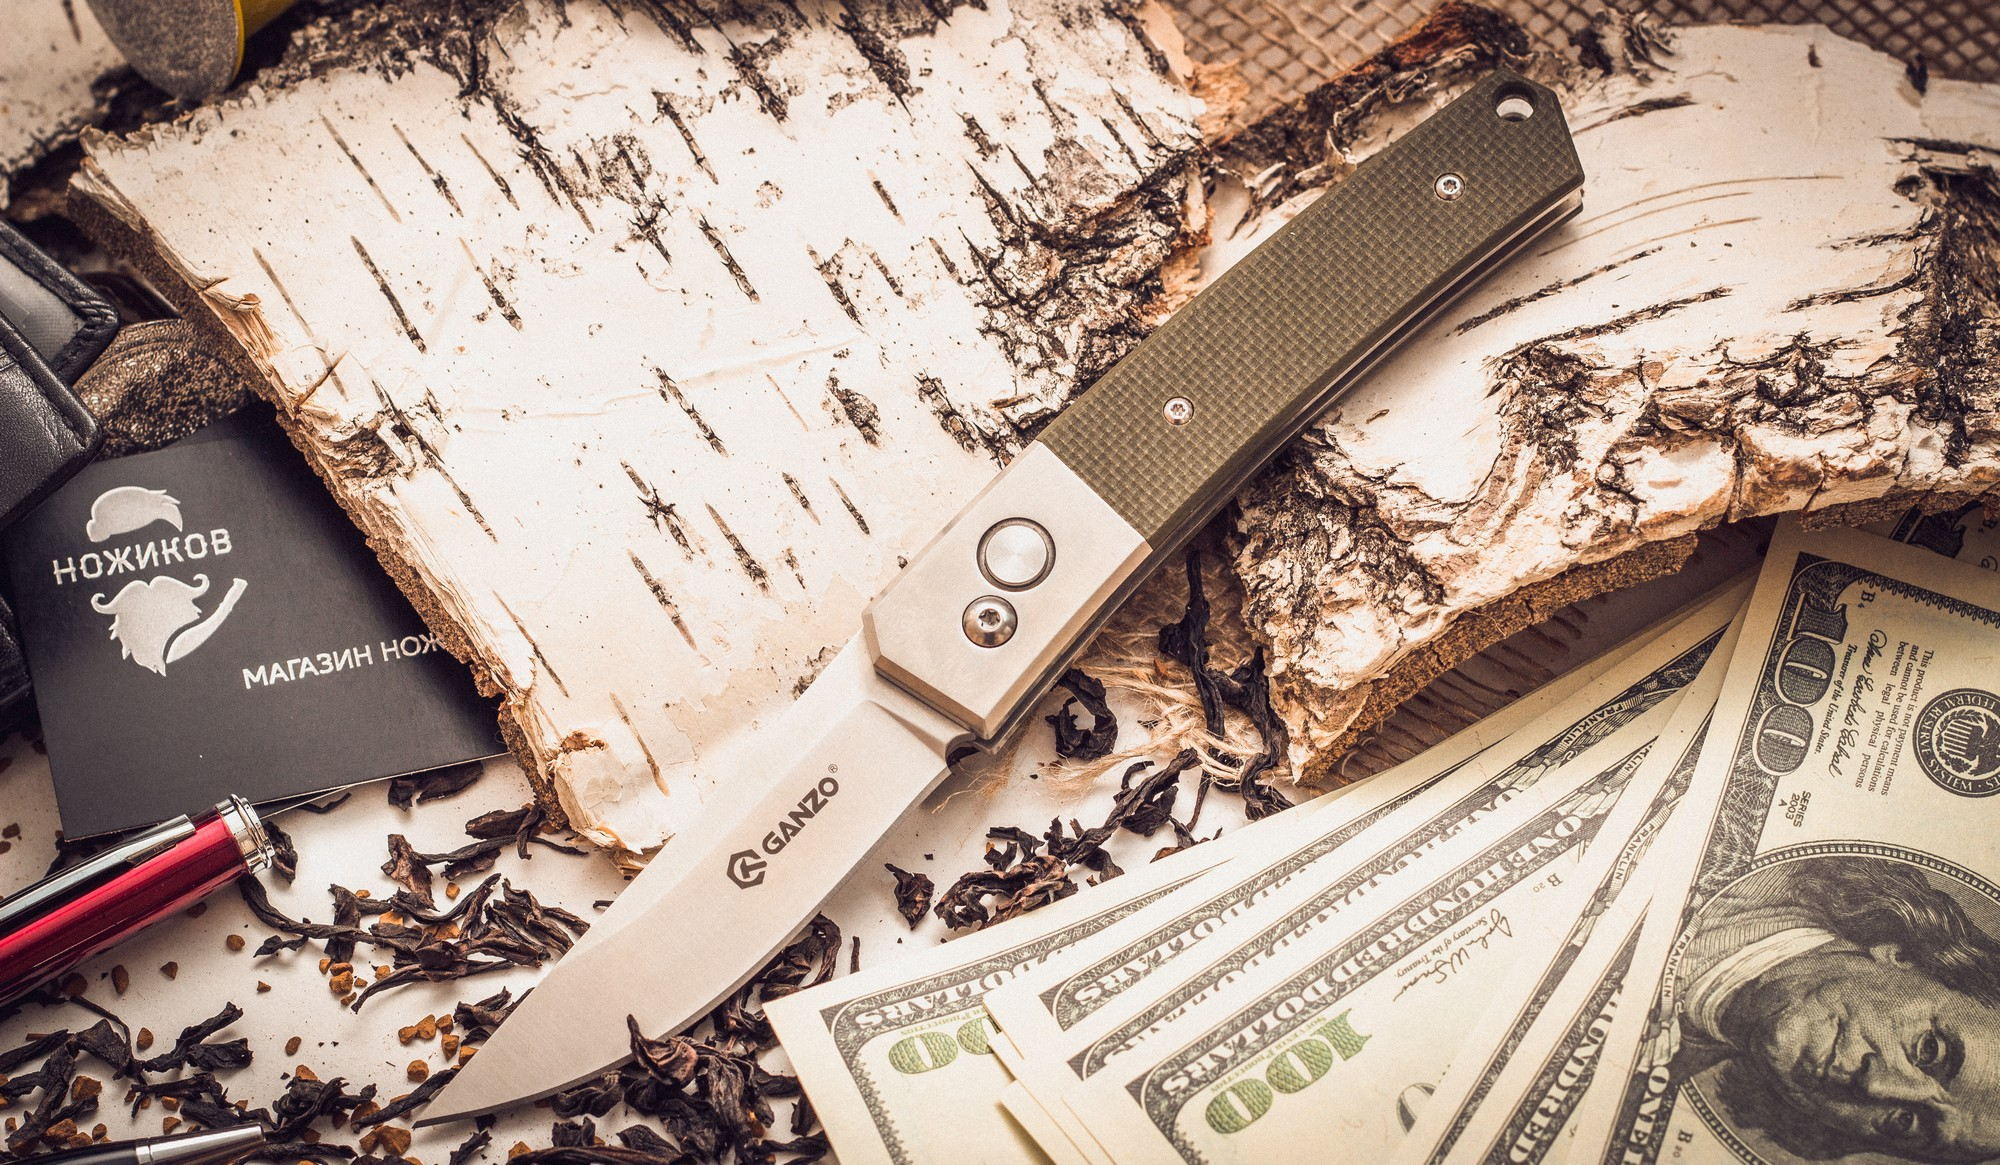 Складной нож Ganzo G7361, зеленый len deighton close up